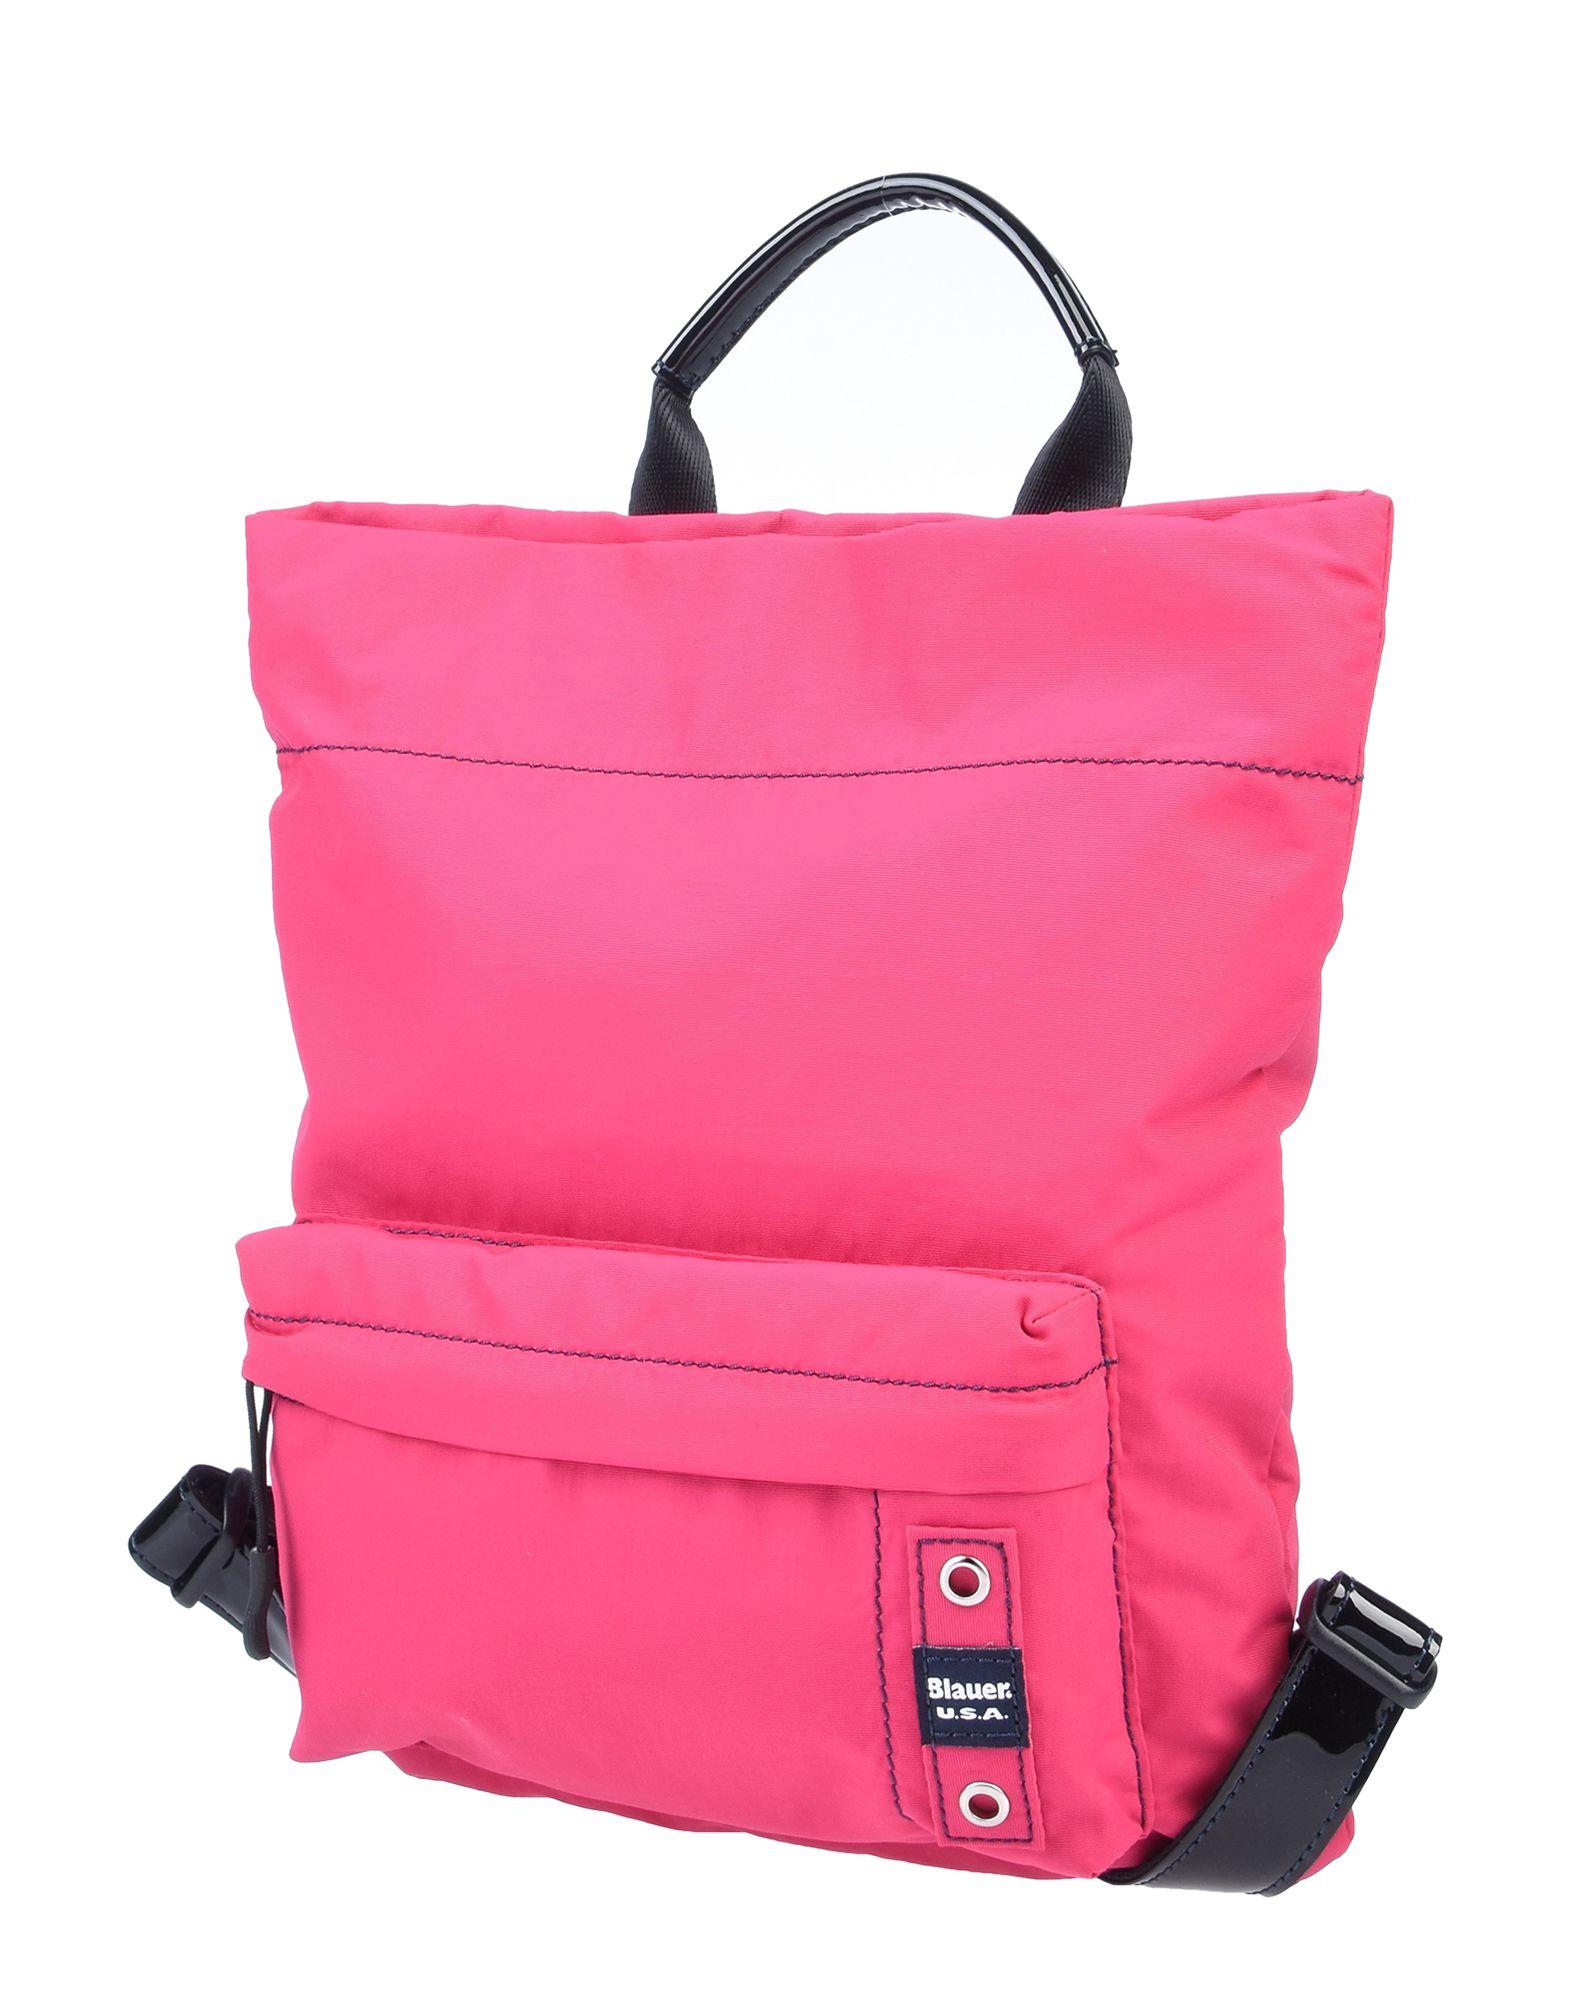 BLAUER Рюкзаки  сумки на пояс